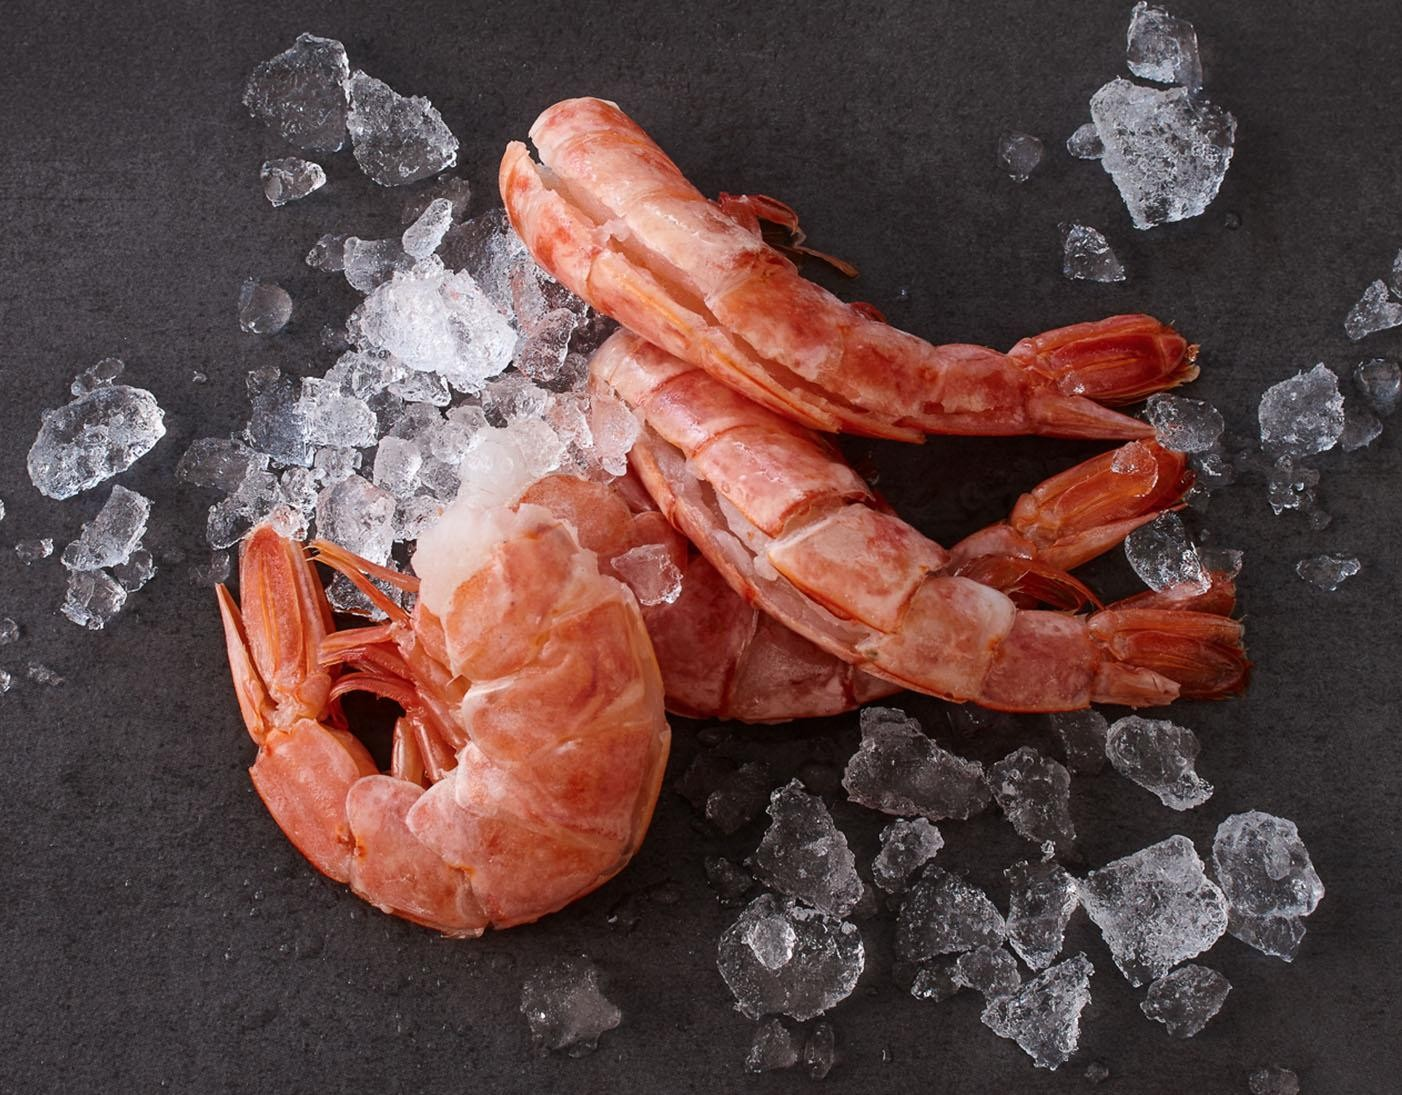 Argentinische Rotgarnelen · groß · easy peel jetzt kaufen!